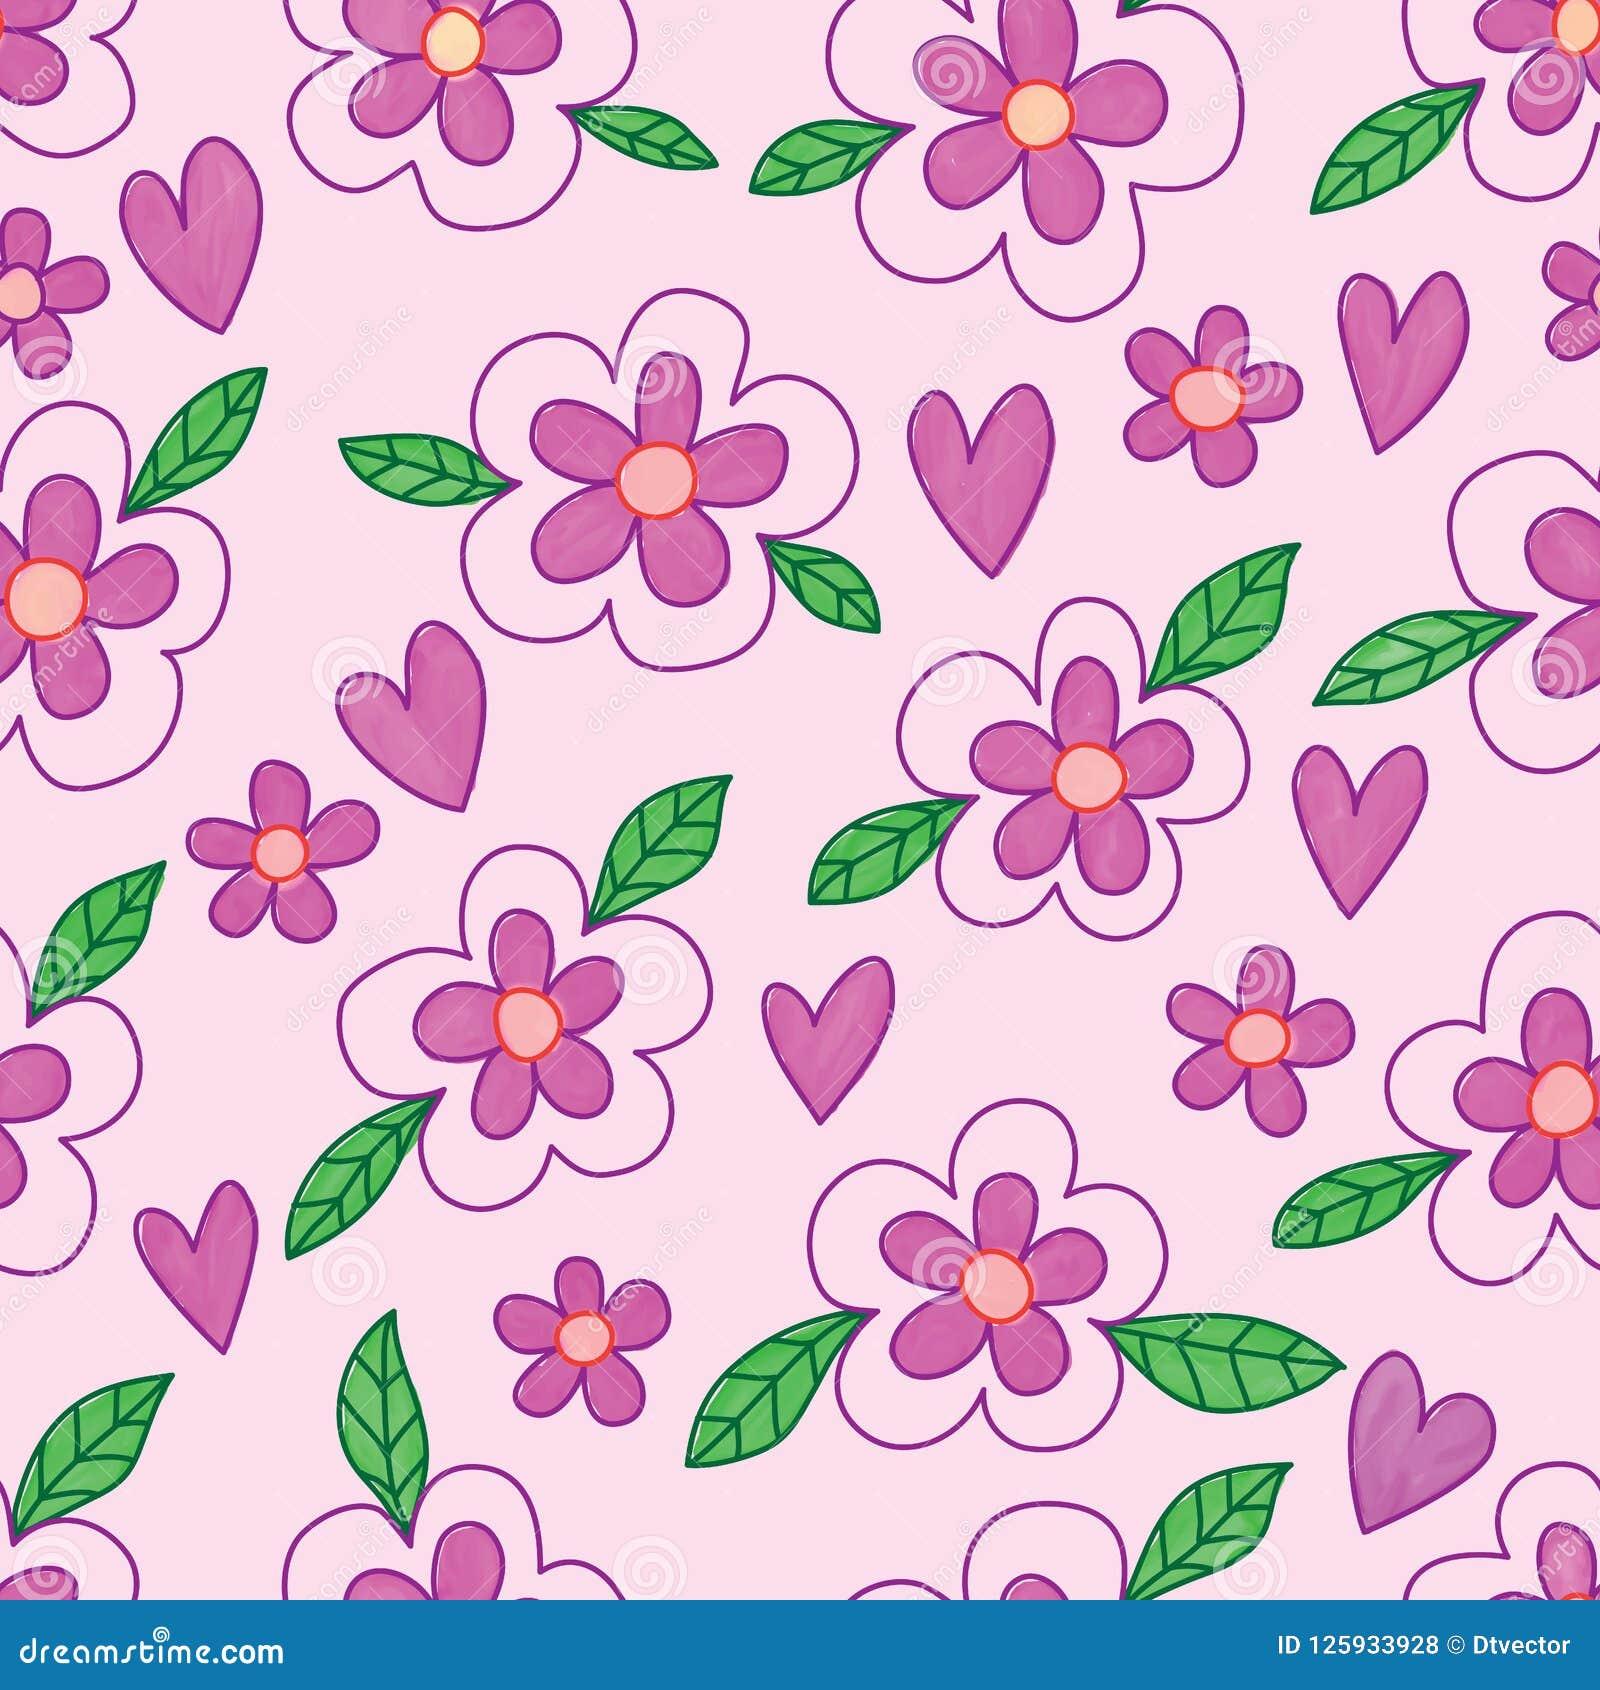 Flower leaf batik purple love watercolor seamless pattern